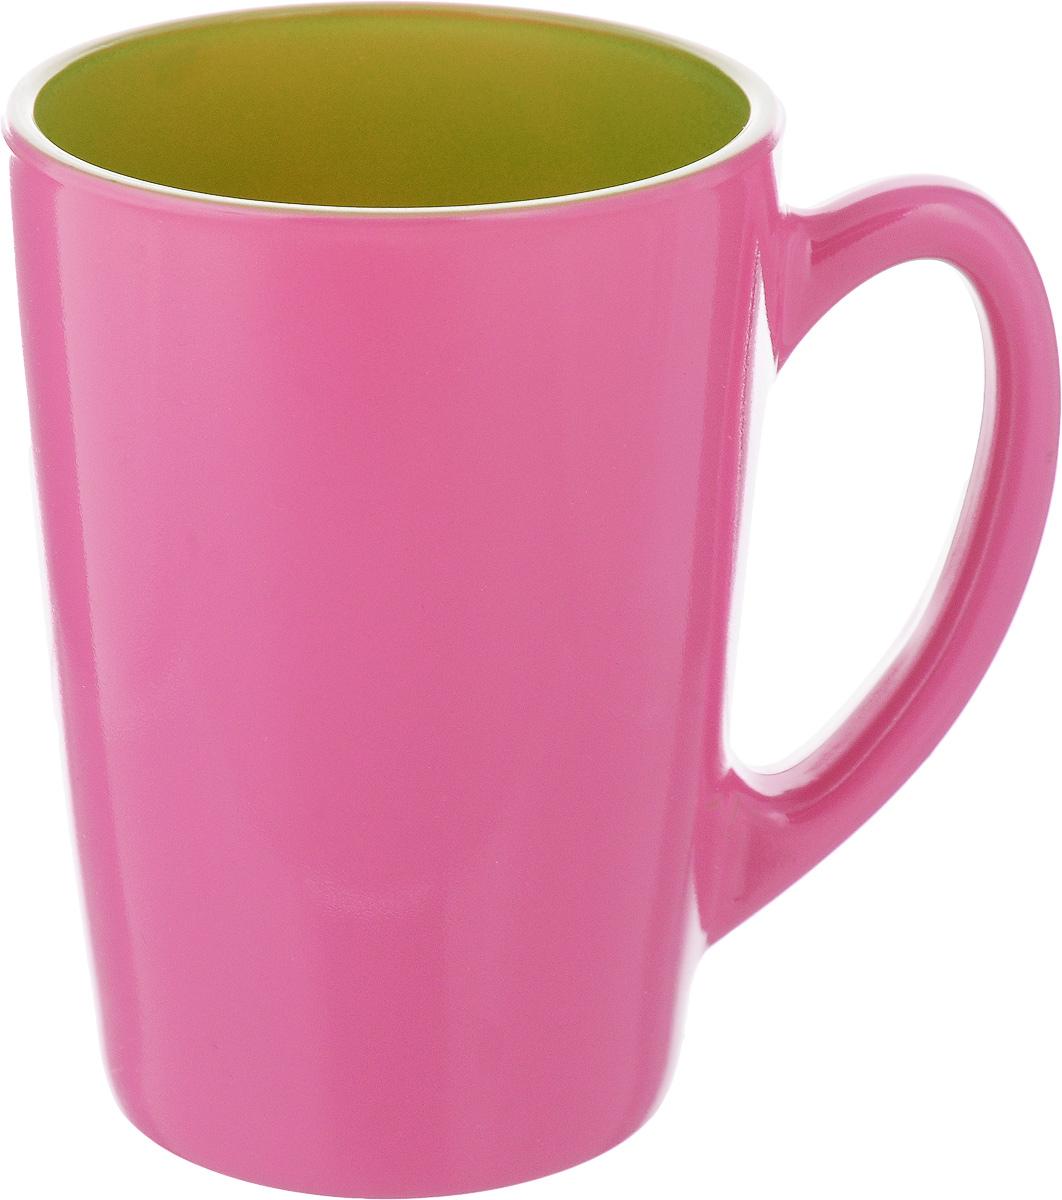 Кружка Luminarc Spring Break, цвет: малиновый, 320 мл. J3417-1J3417-1Кружка Luminarc Спринг Брейк, изготовленная из ударопрочного стекла, прекрасно подойдет для горячих и холодных напитков. Она дополнит коллекцию вашей кухонной посуды и будет служить долгие годы. Можно использовать в микроволновой печи и мыть в посудомоечной машине. Диаметр кружки (по верхнему краю): 8 см. Высота стенки кружки: 11 см.